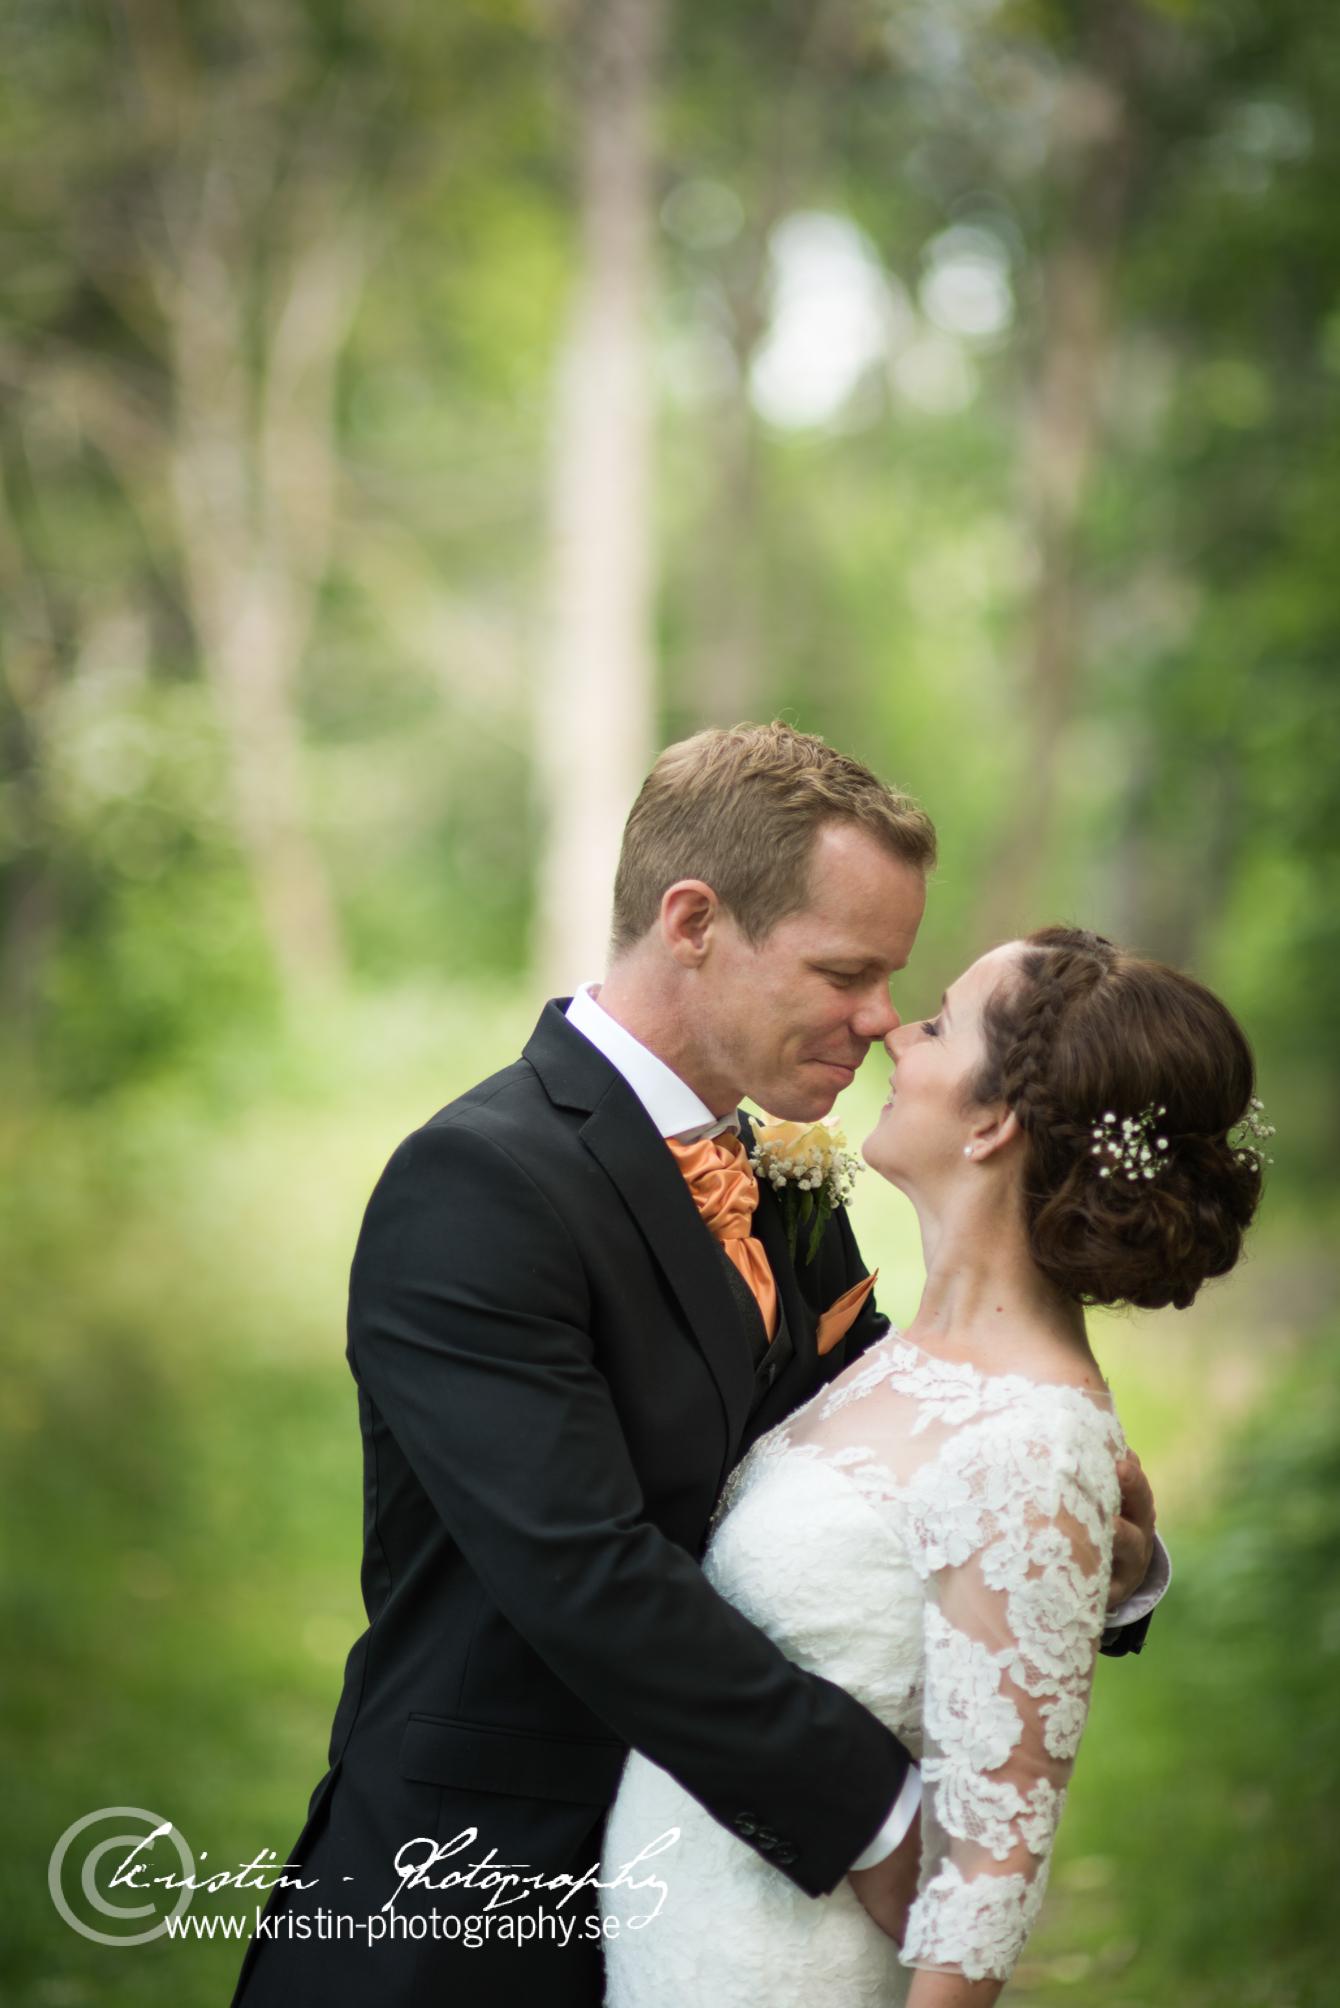 Bröllopsfotograf i Eskilstuna, Kristin - Photography, weddingphotographer -74.jpg